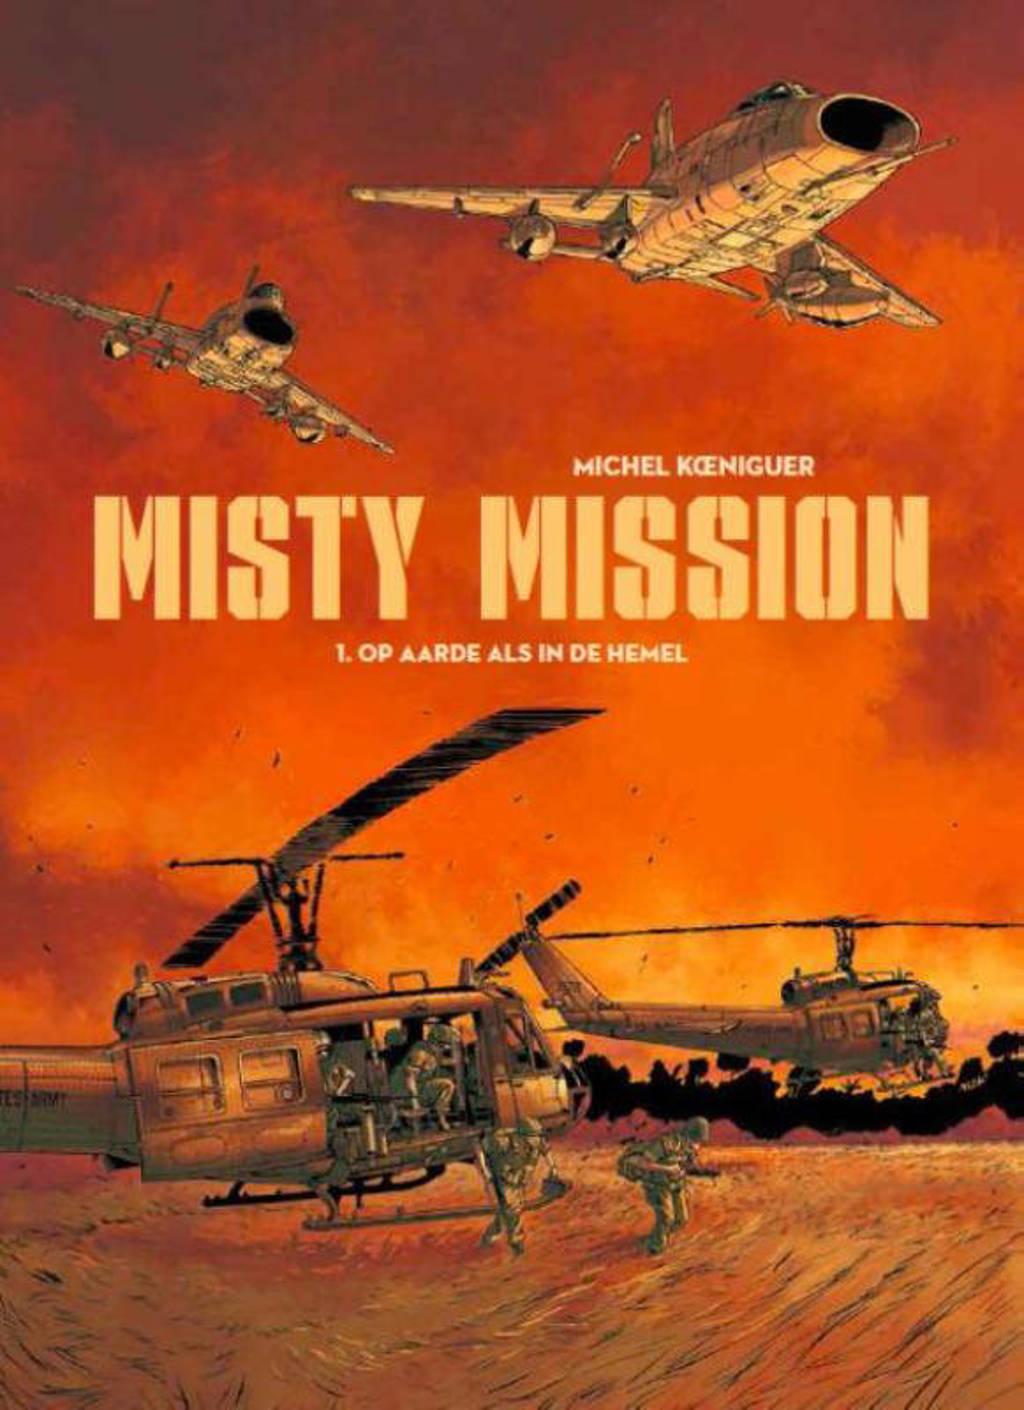 Misty mission: Op aarde als in de hemel - Kœniguer